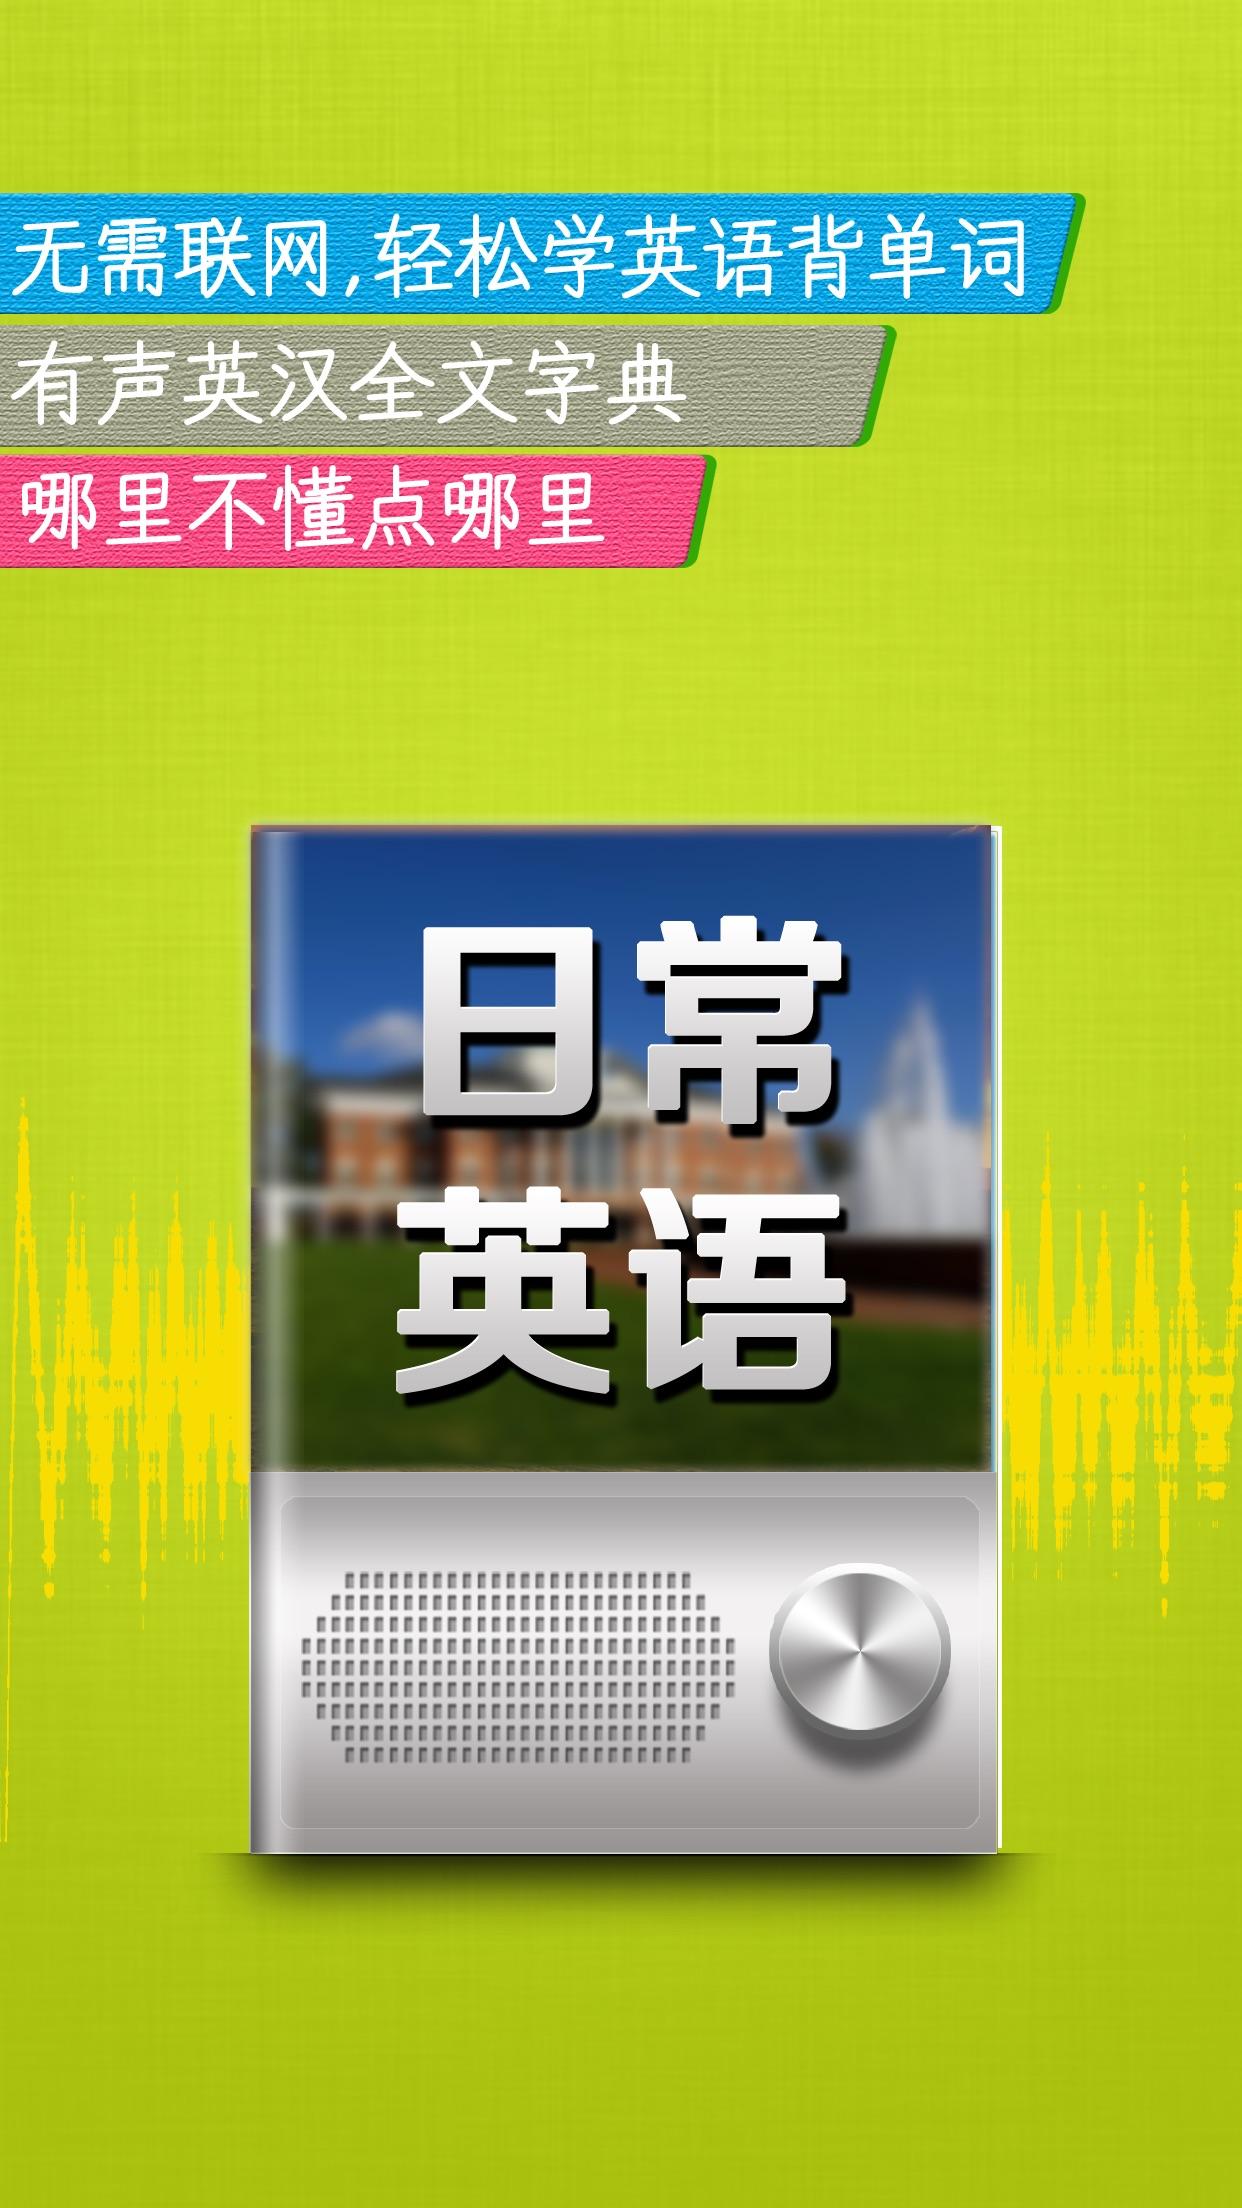 日常英语口语大全HD 海外生活出国旅游必备 Screenshot